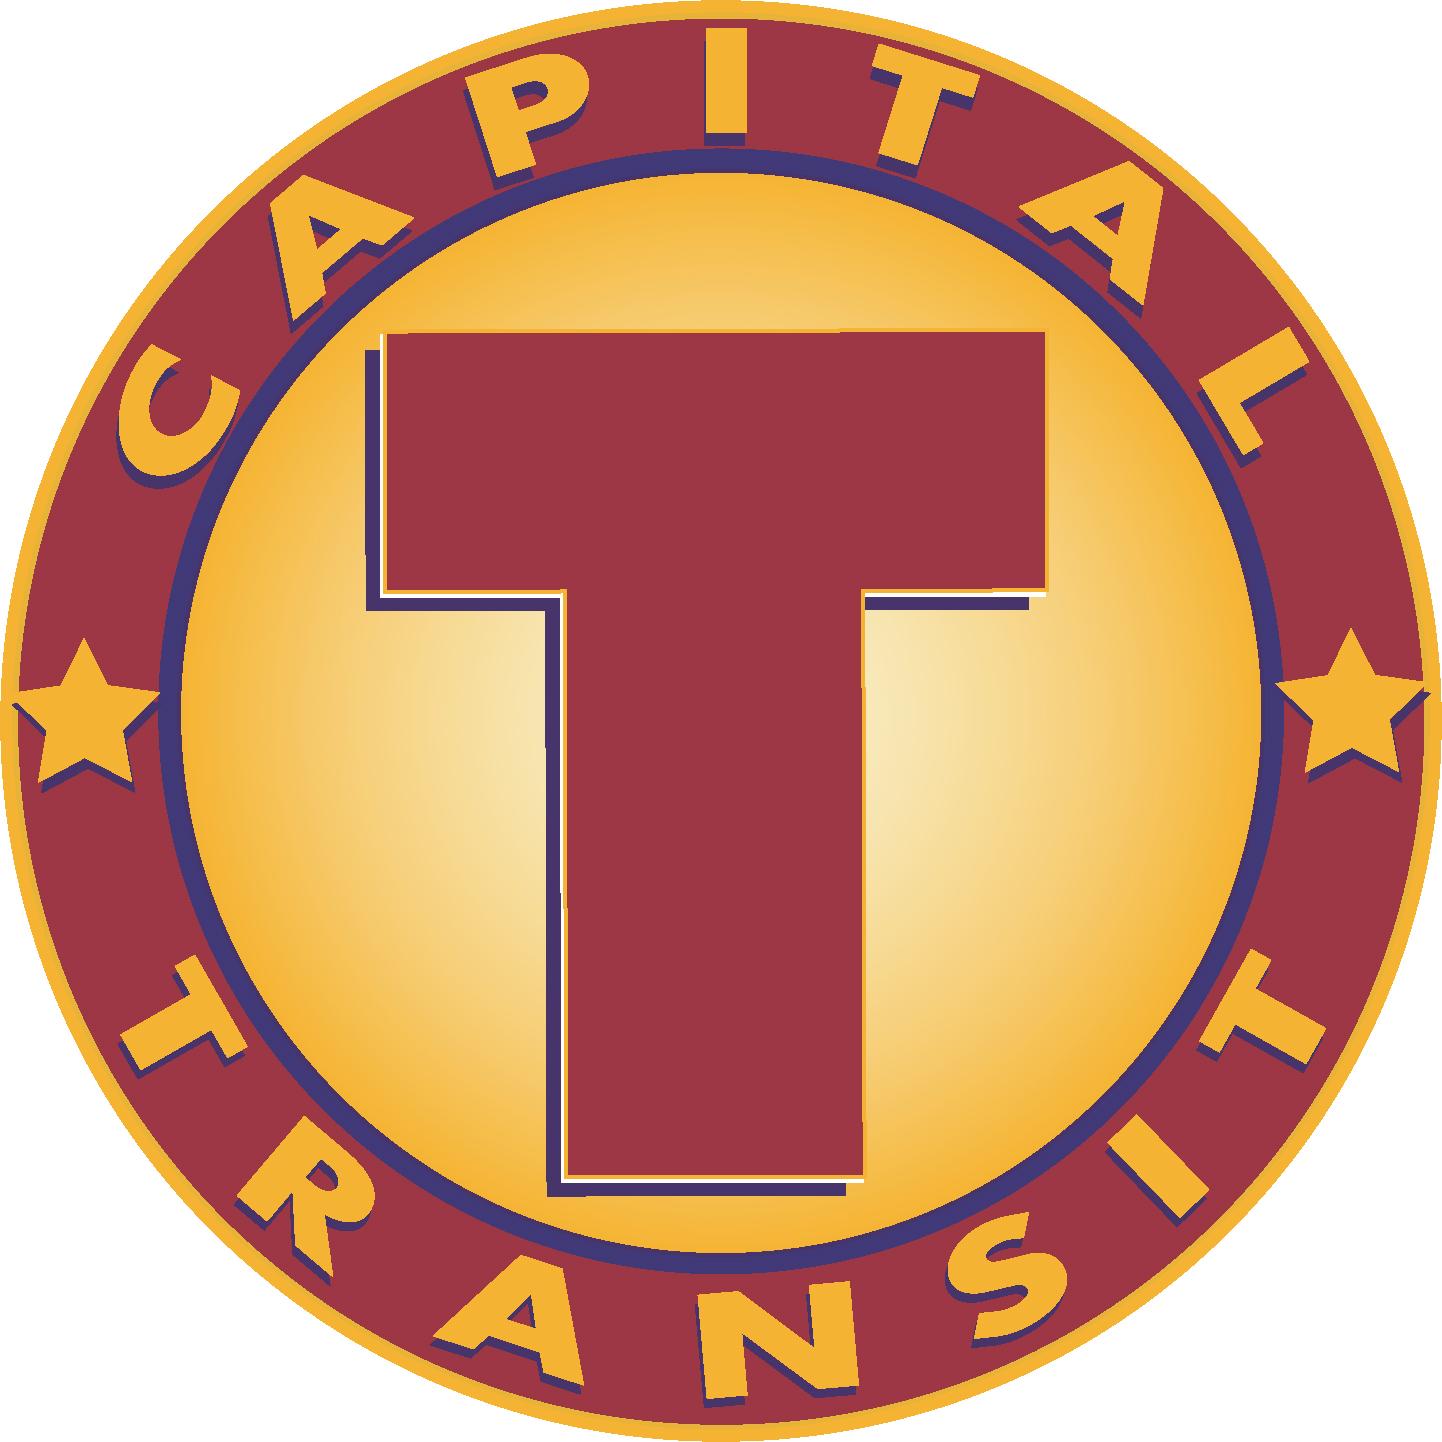 City of Helena - Capital Transit